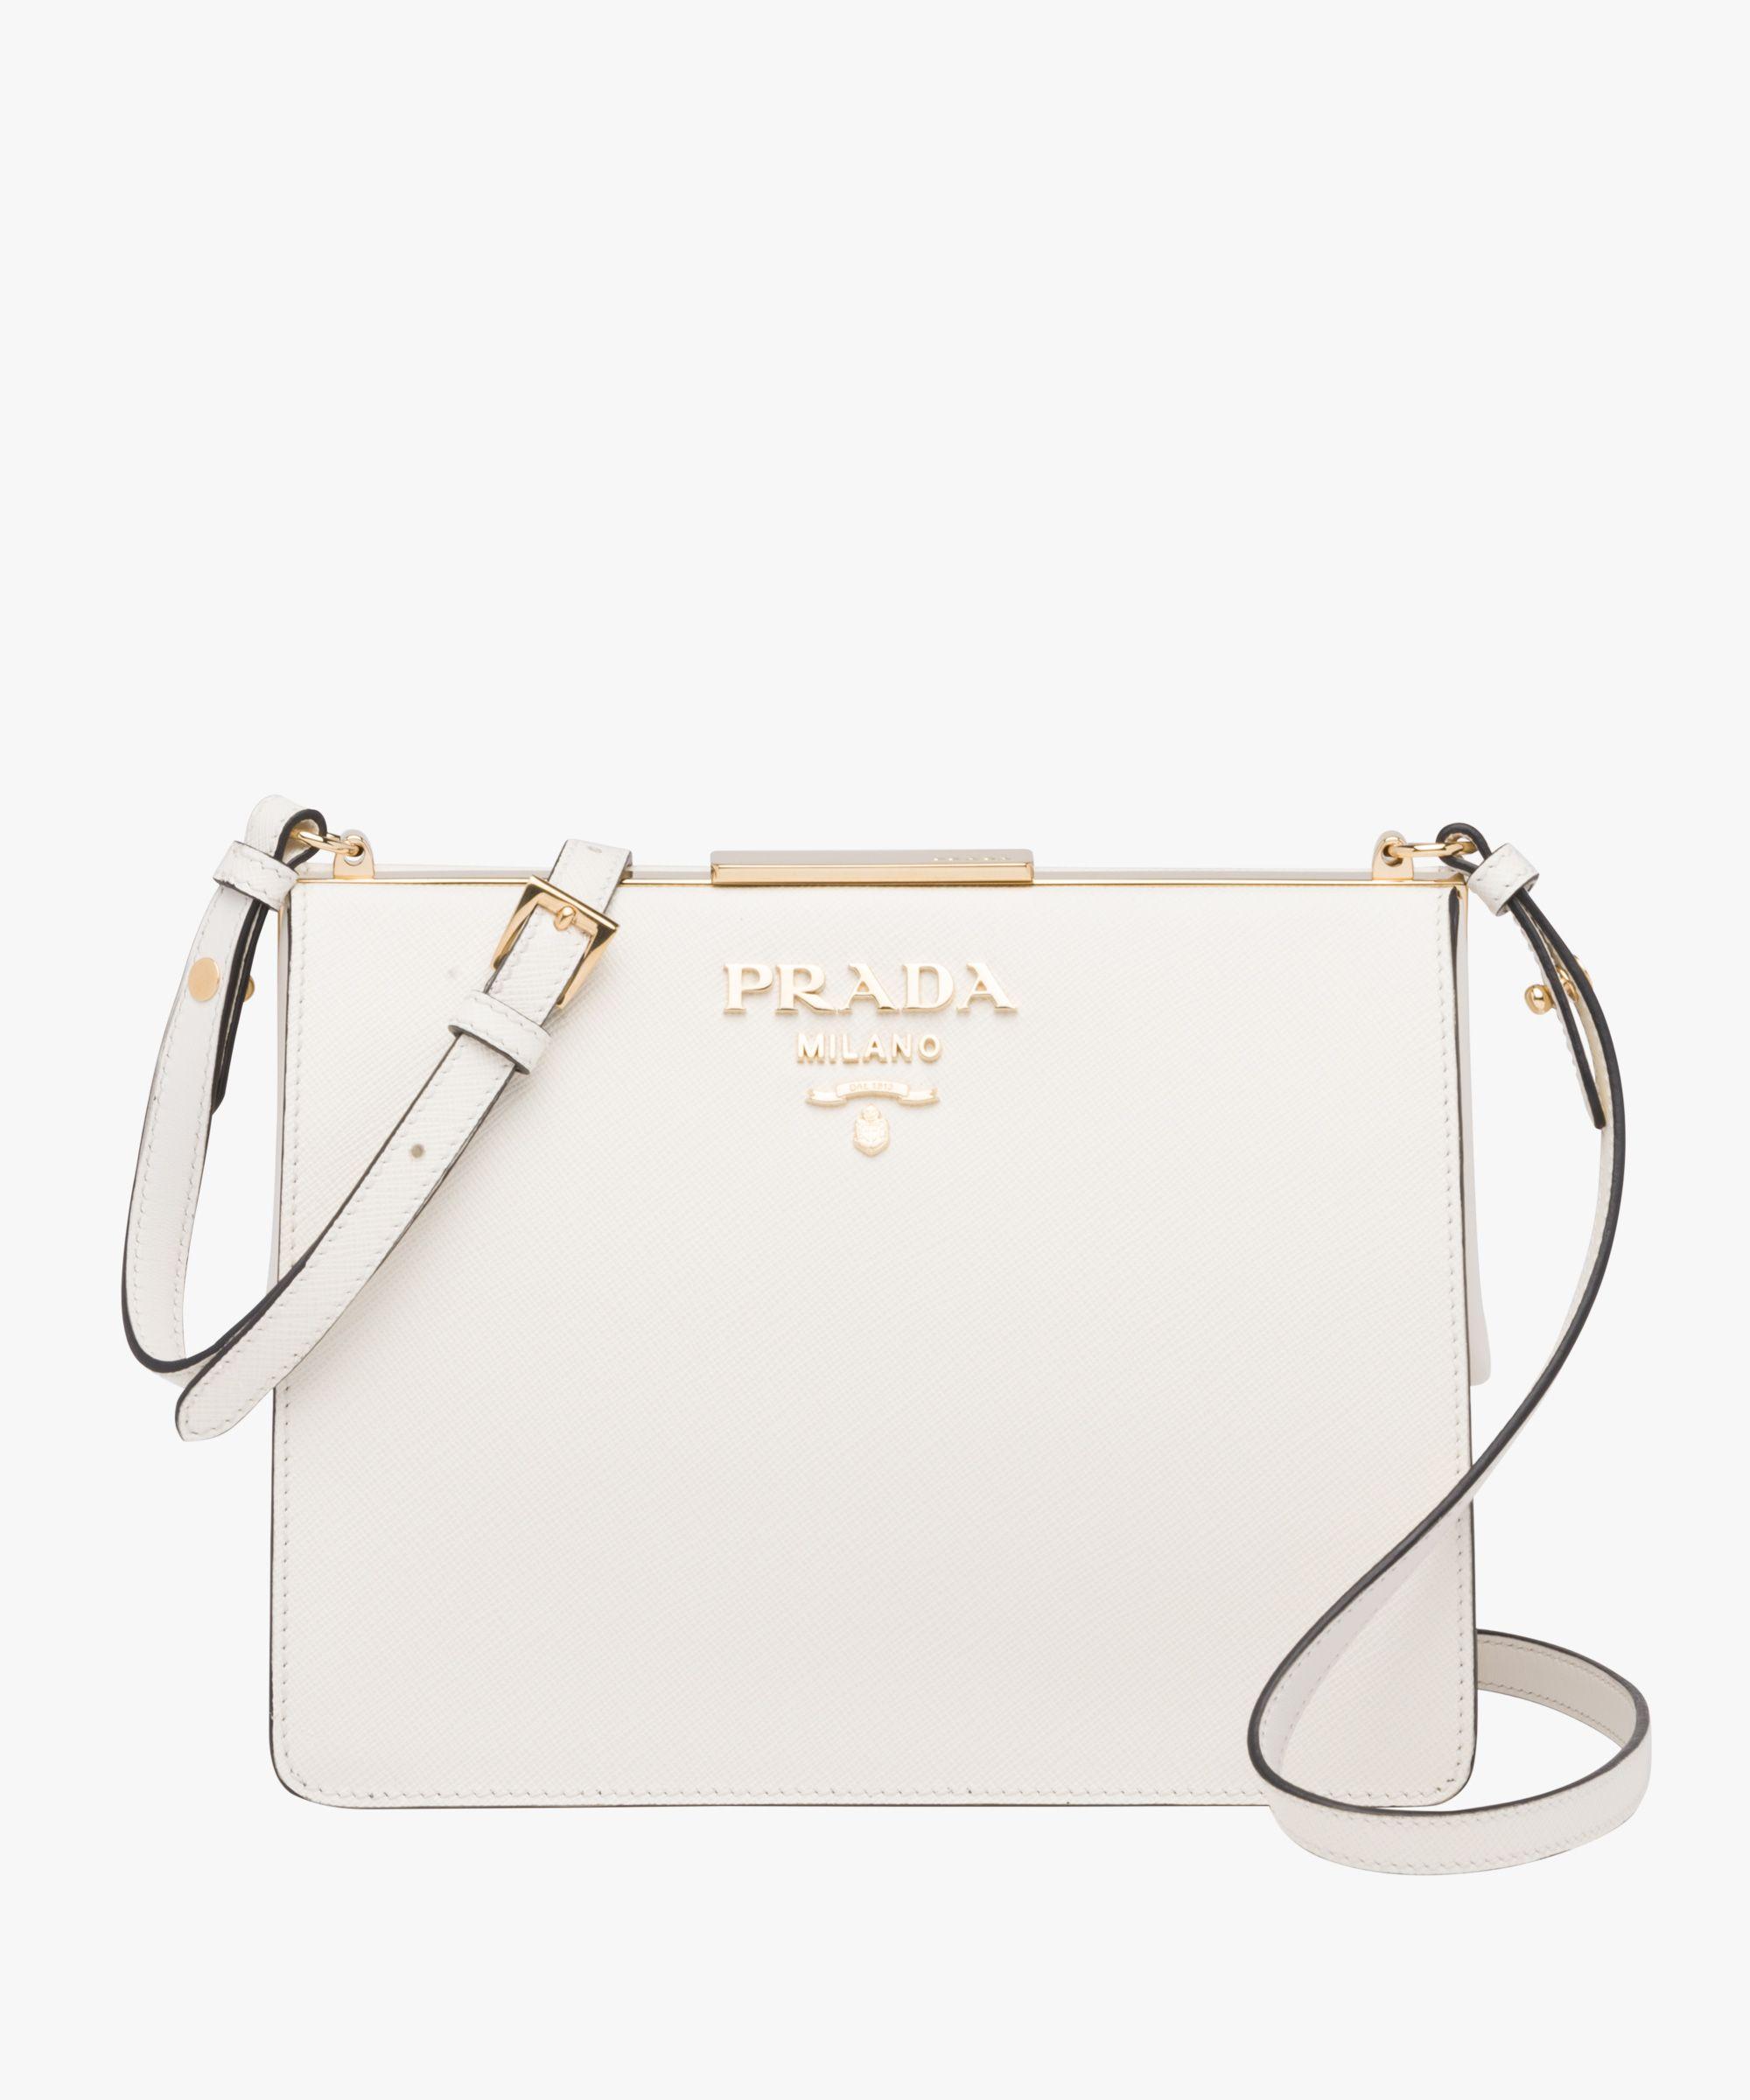 Prada Light Frame Saffiano leather bag Prada WHITE  27b04b48ecdca